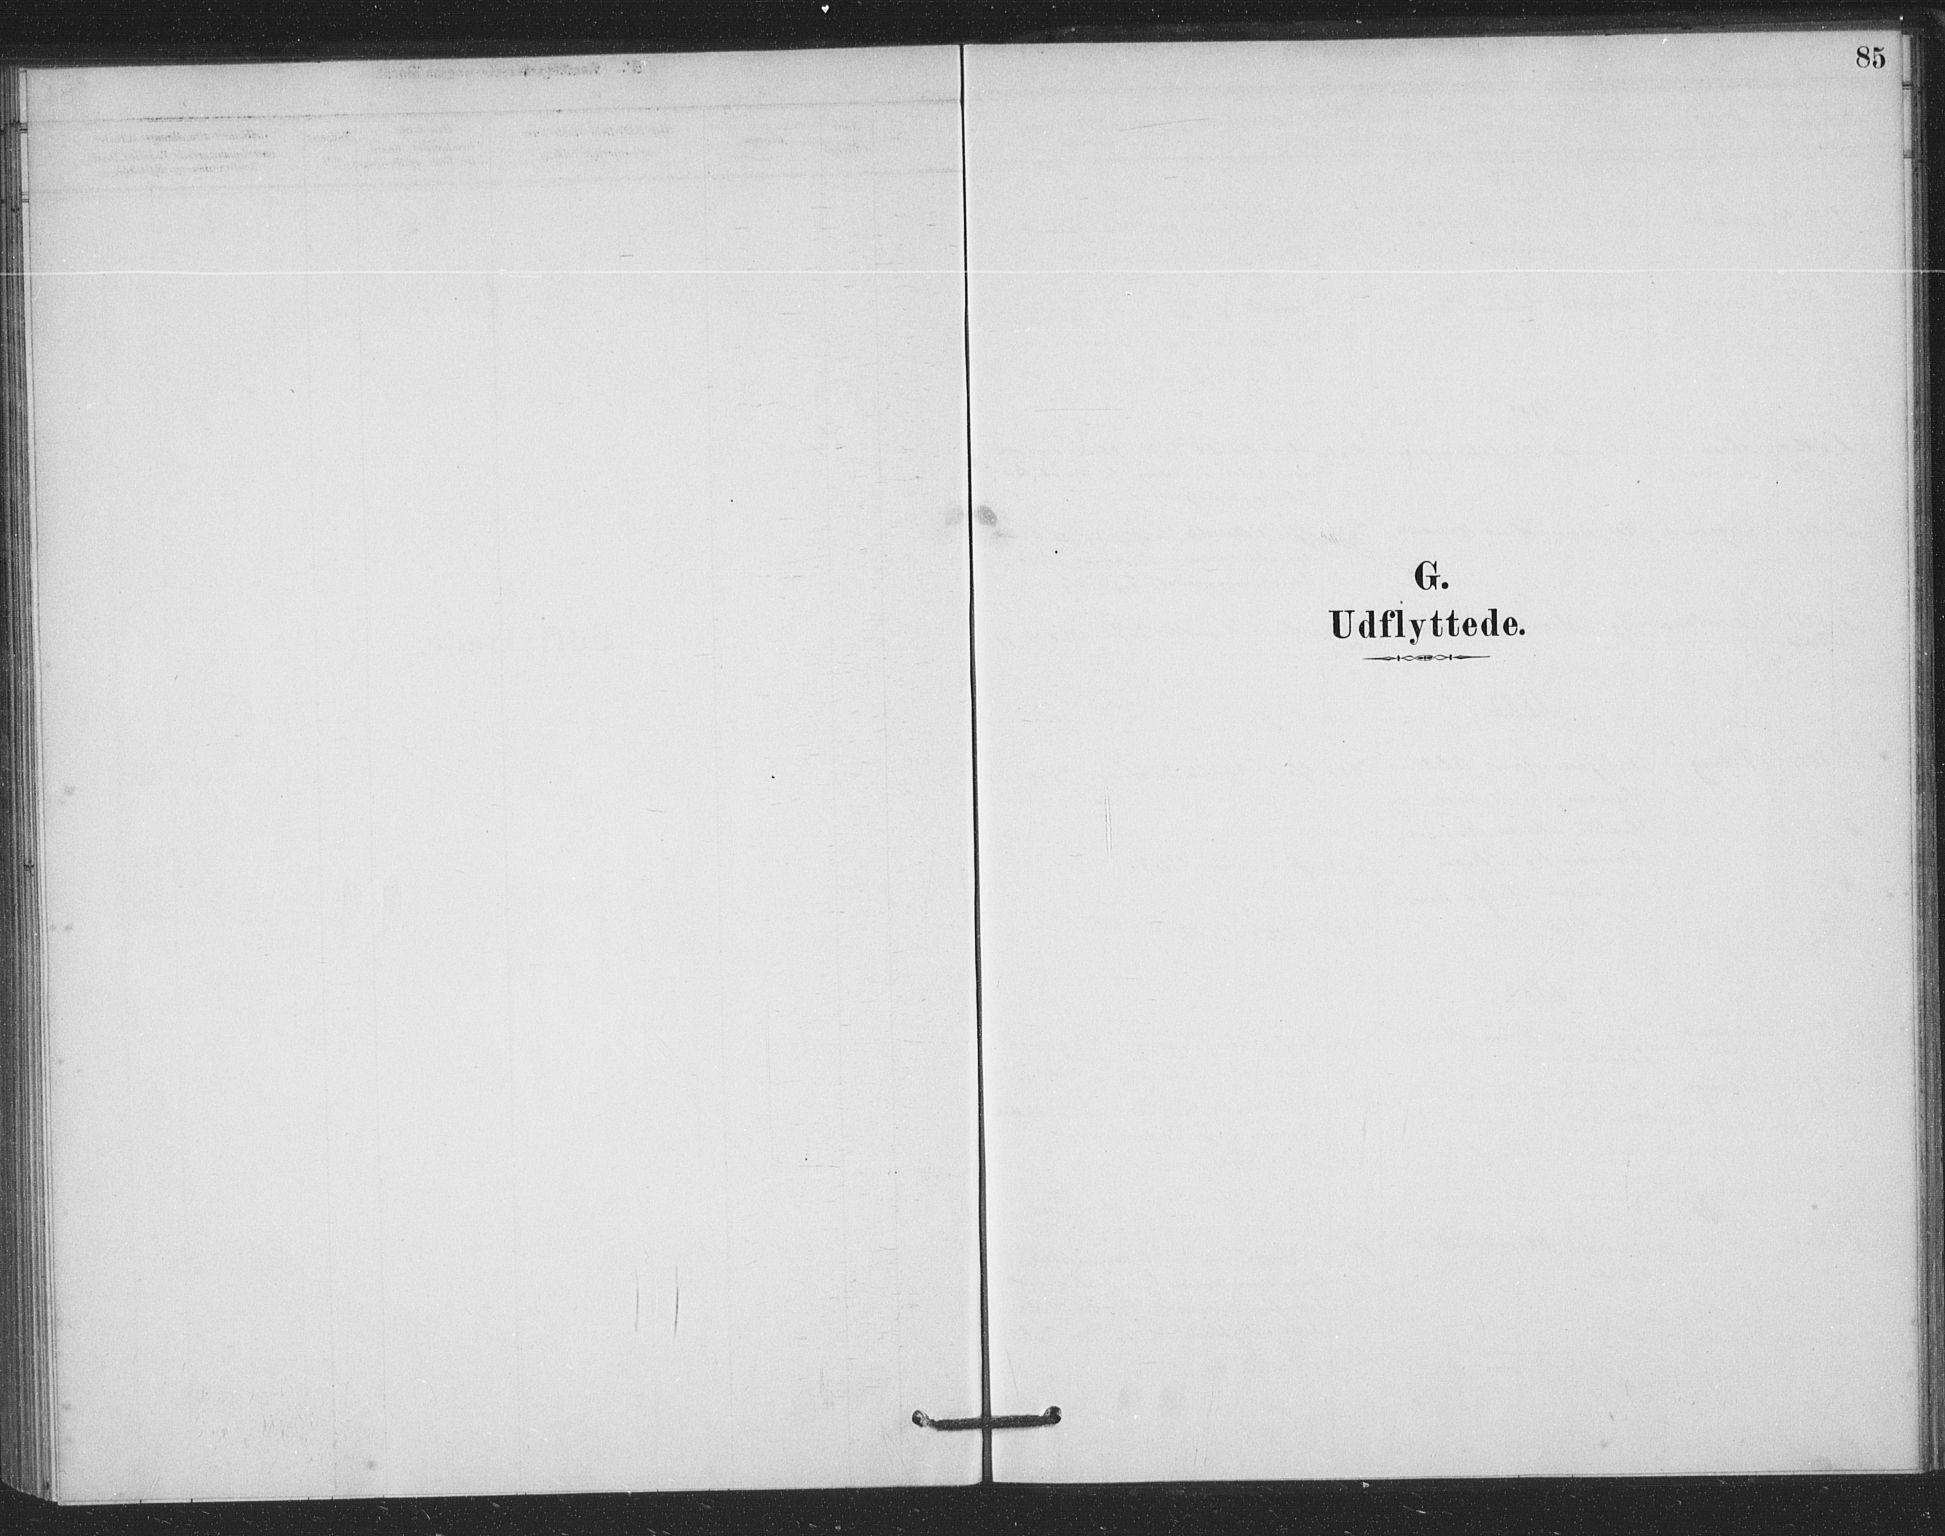 SAKO, Bamble kirkebøker, F/Fb/L0001: Ministerialbok nr. II 1, 1878-1899, s. 85